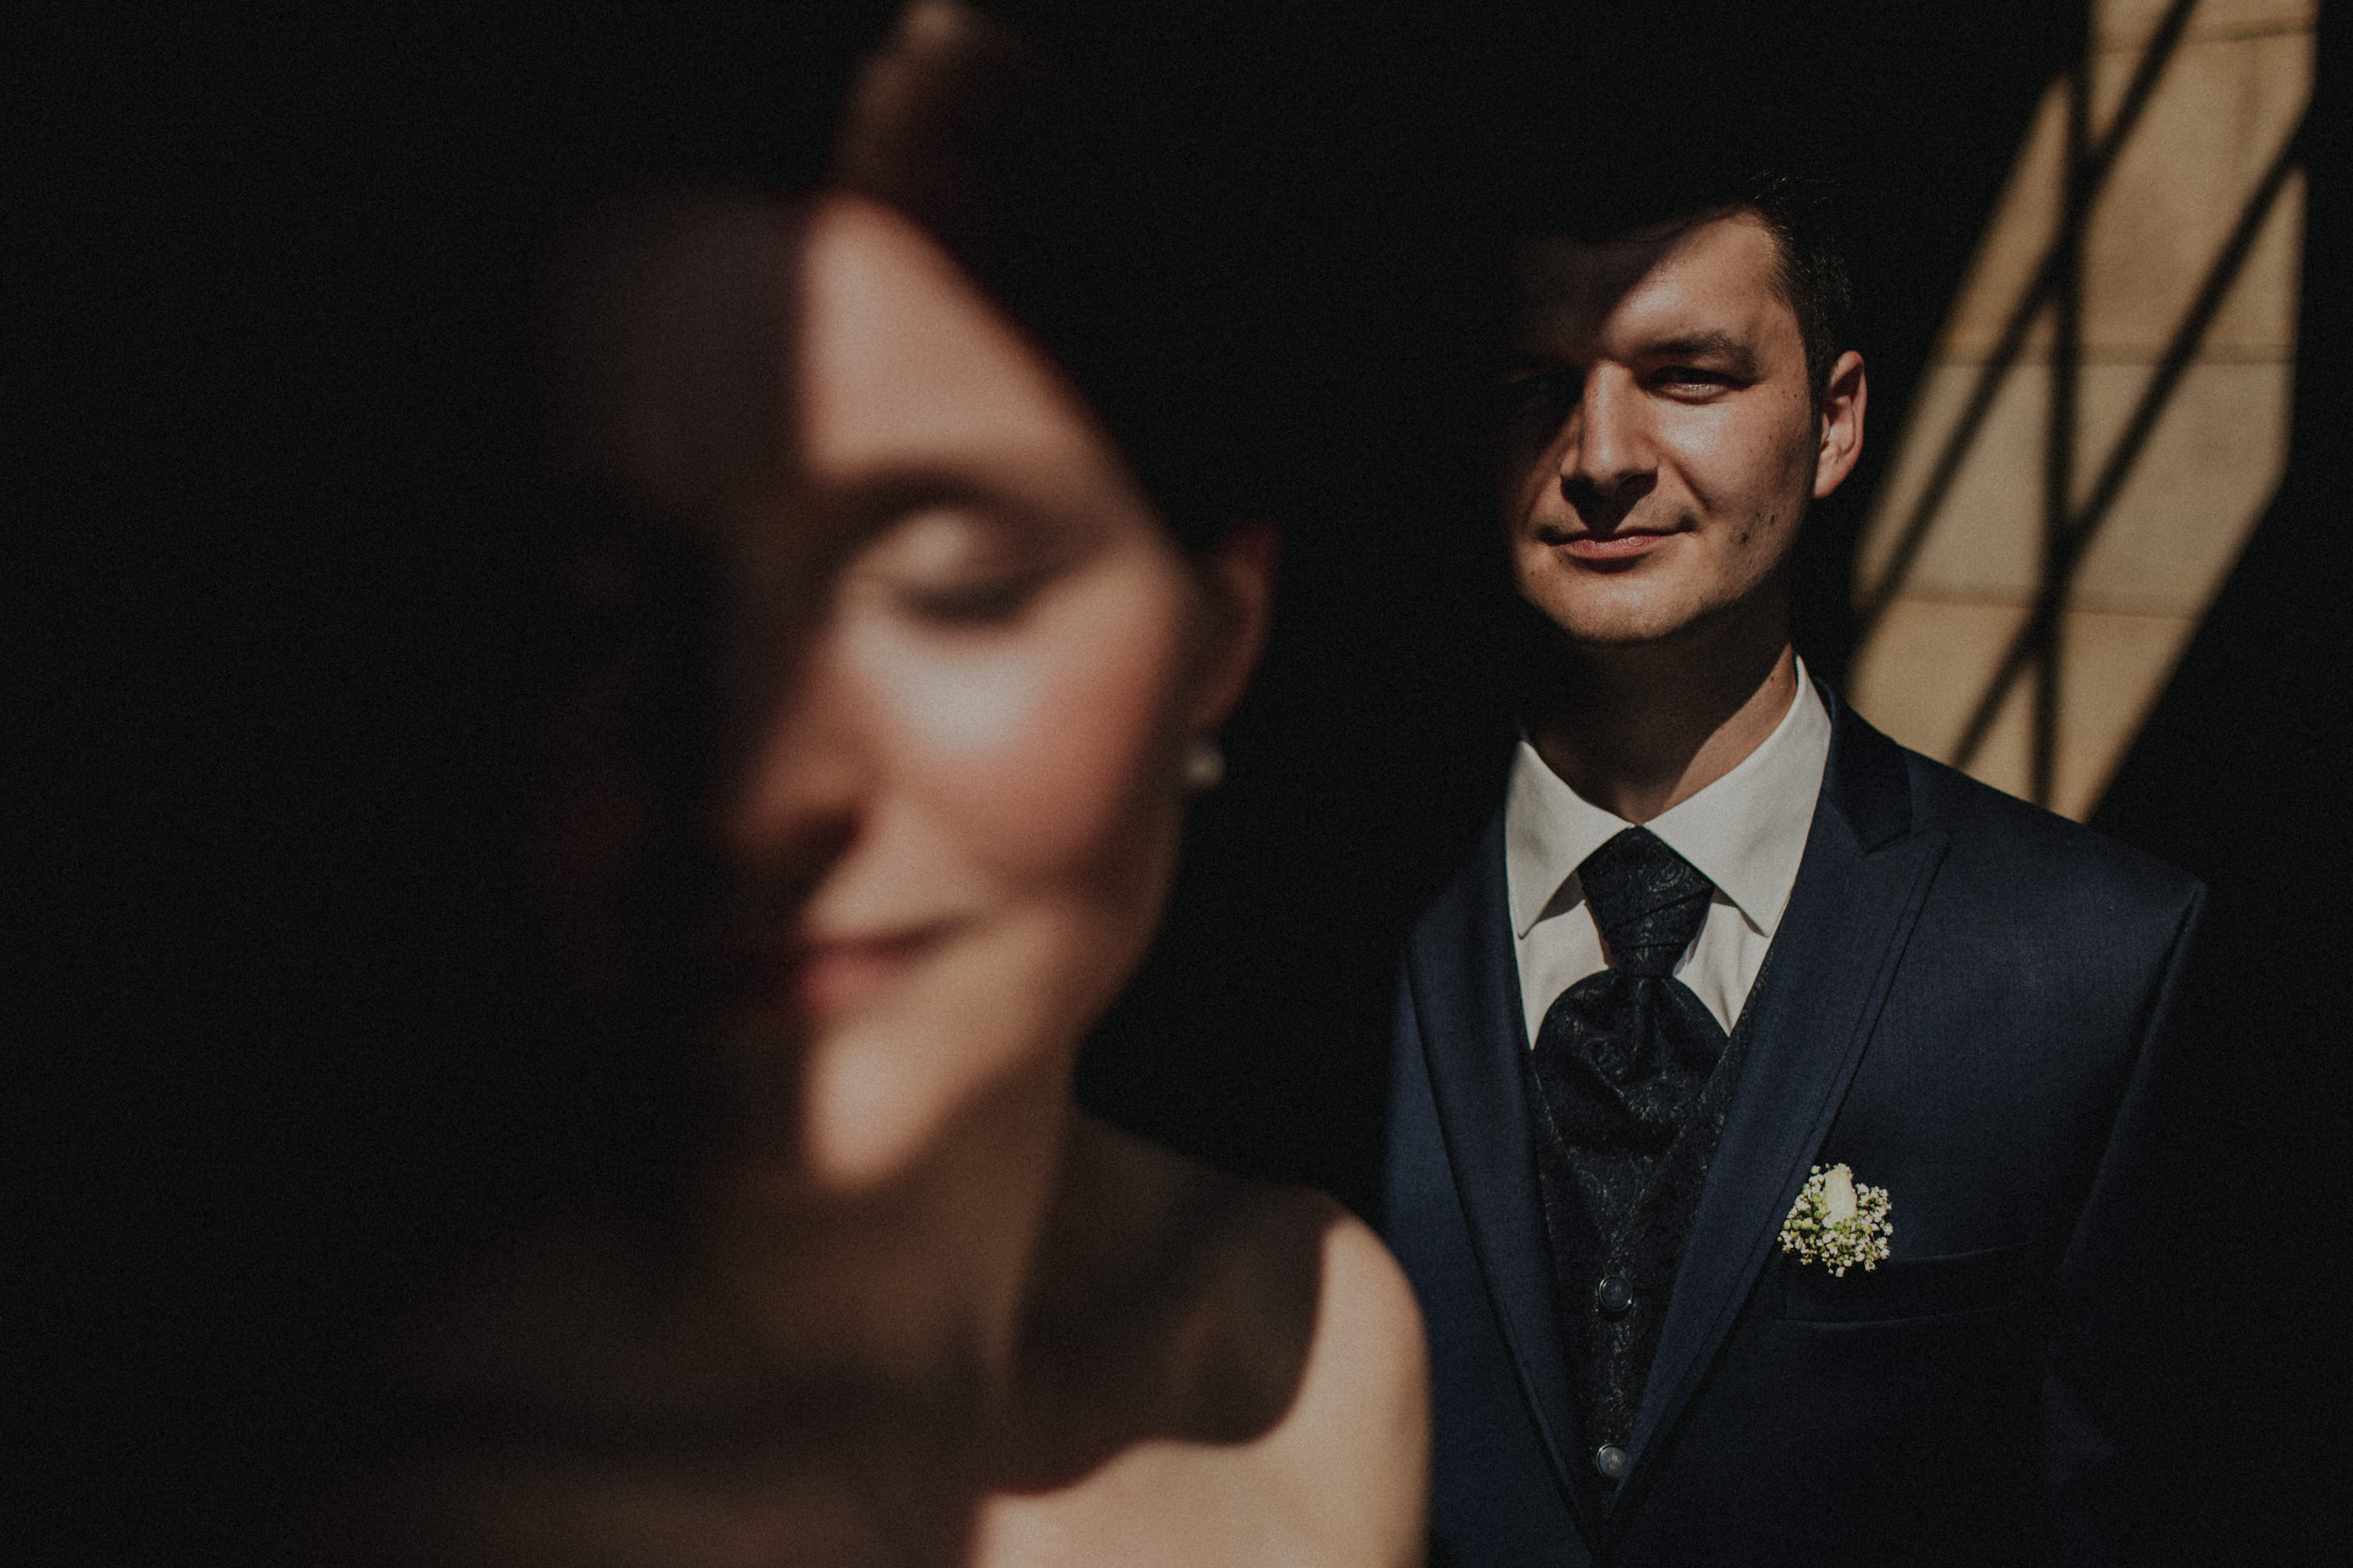 Hochzeitsfotograf-Potsdam-Beitragsbild-5DT_3638-Tom-und-Lia-Fotografie